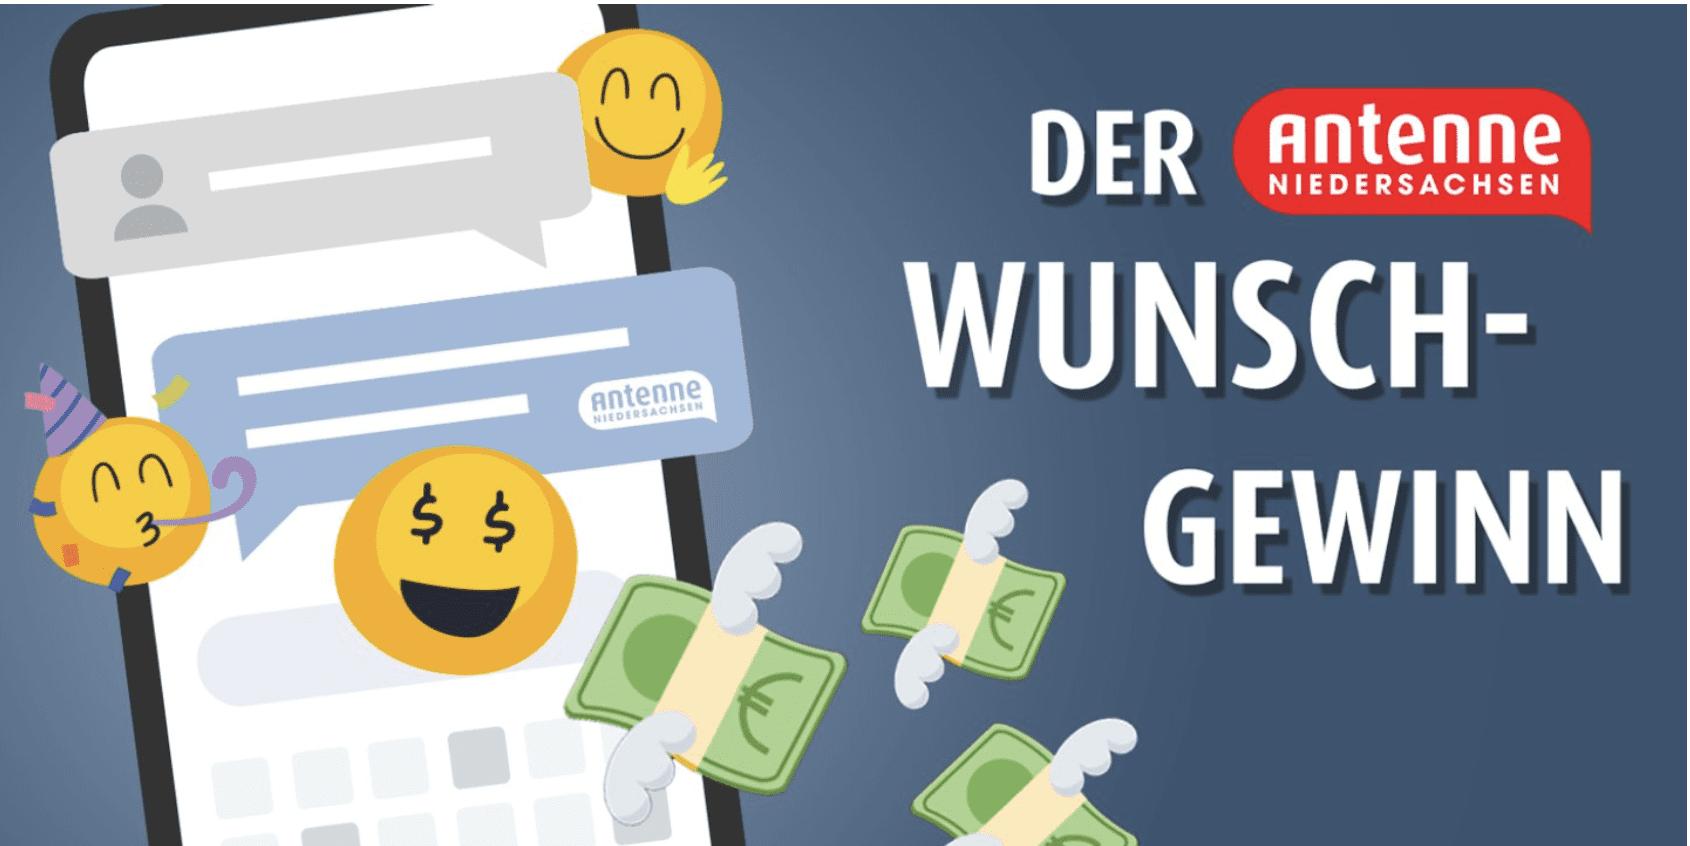 """Gewinnspiel-Cases """"Radio & TV"""" Radio Niedersachsen"""